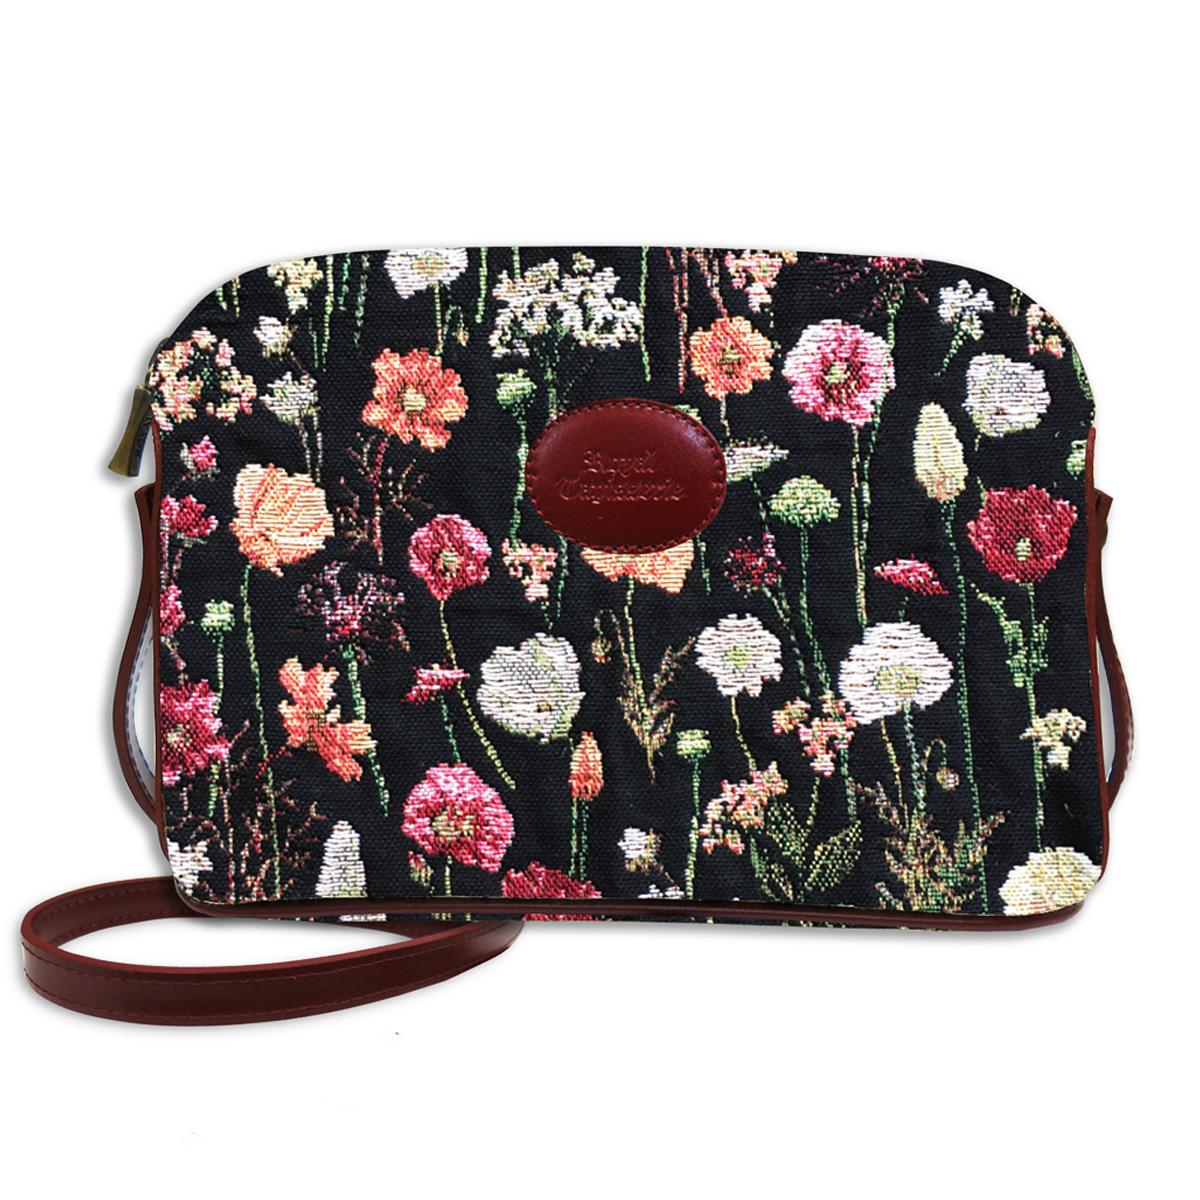 Sac bandoulière artisanal \'Royal Tapisserie\' noir multicolore (fleurs en hiver)  - 23x17x6 cm - [Q6375]